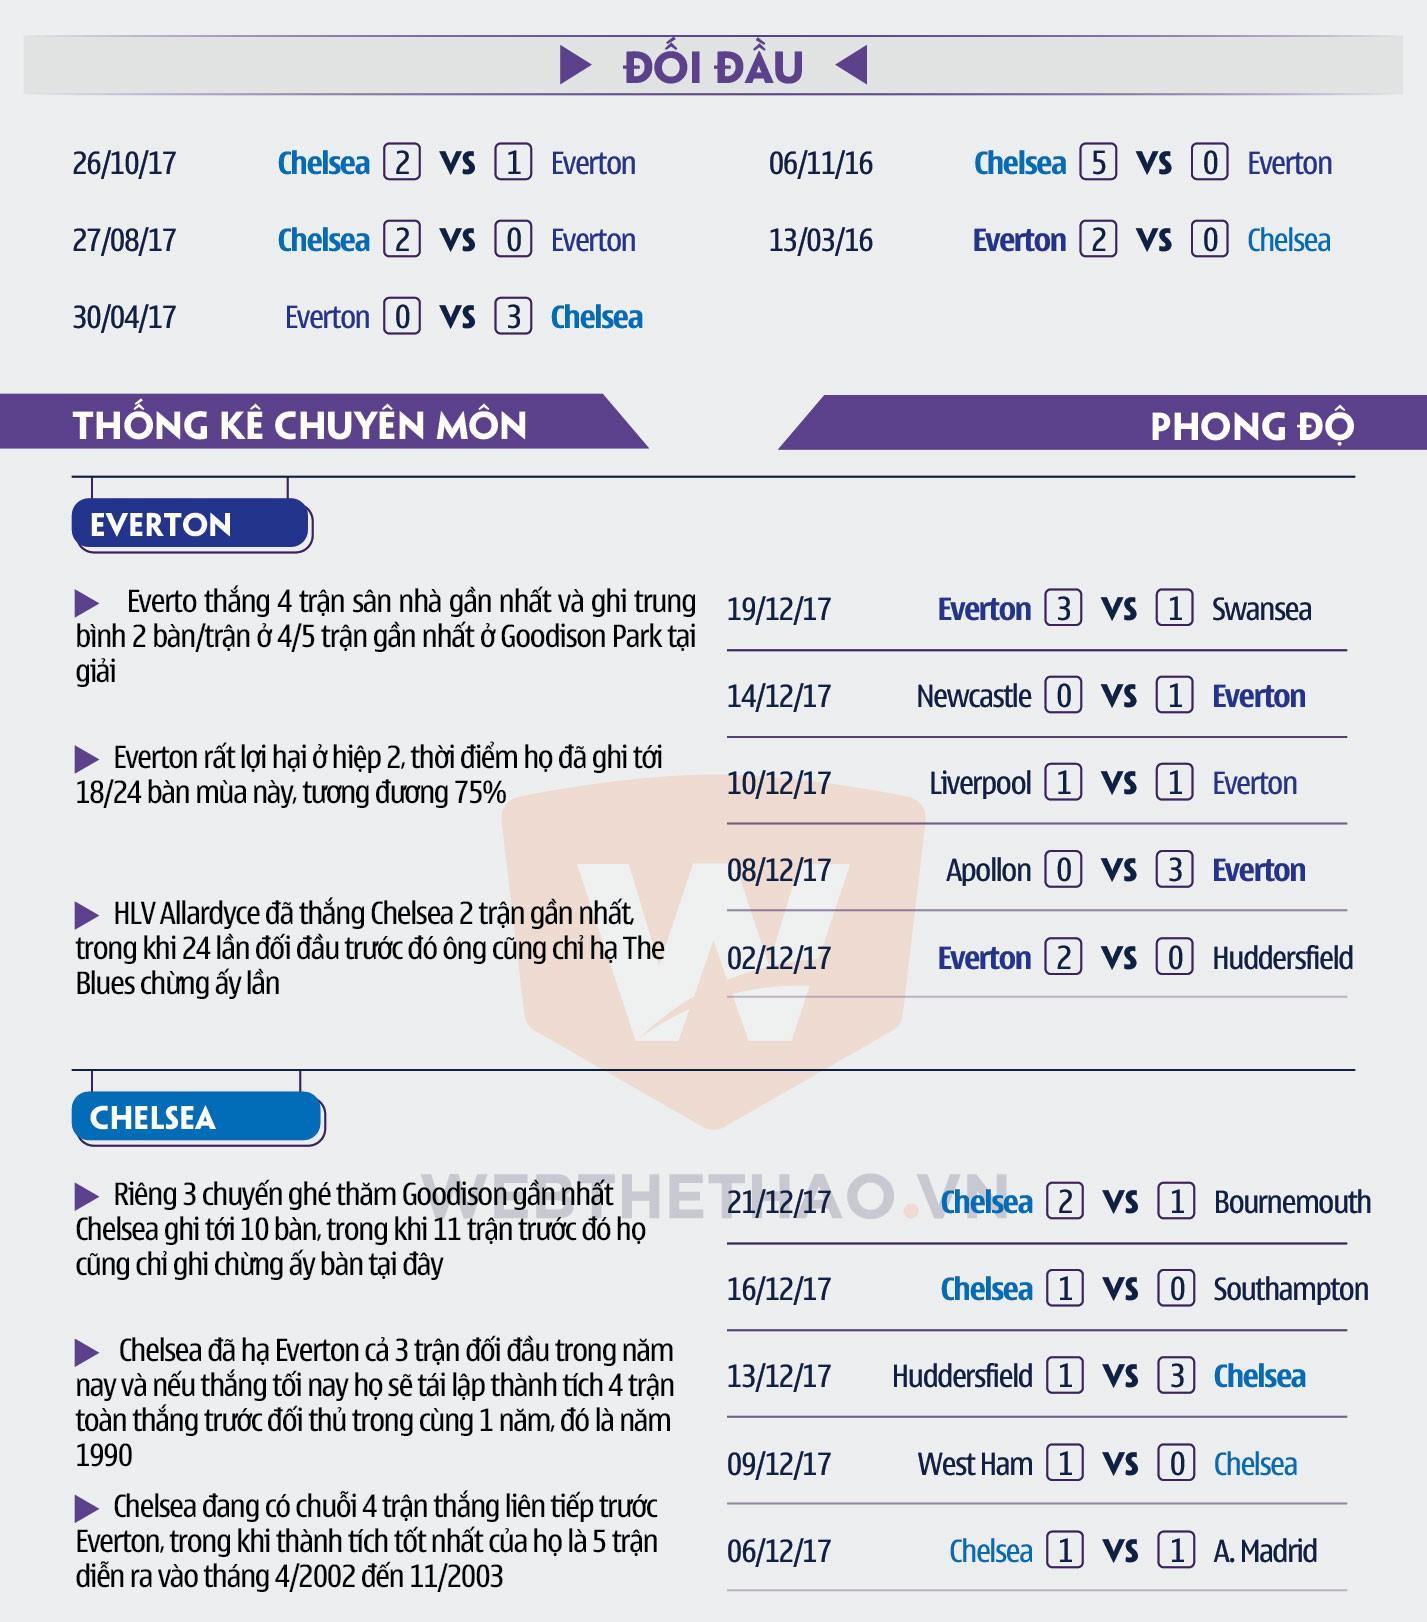 Hình ảnh: Số liệu chuyên môn trận đấu Everton Chelsea